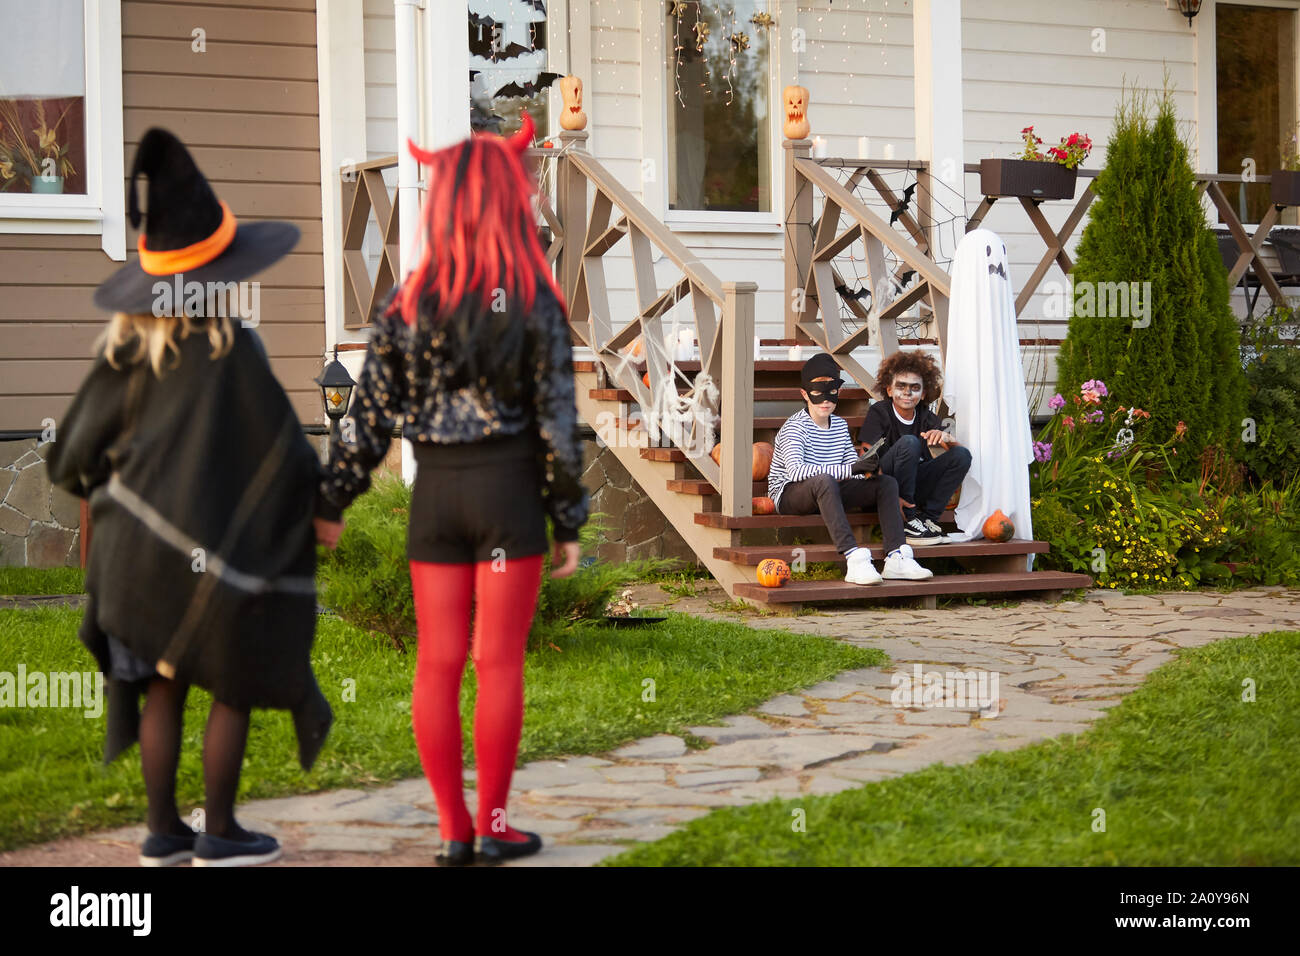 Grupo multiétnico de reunión al aire libre para niños en Halloween para ir con la tradición del truco o trato juntos, espacio de copia Foto de stock